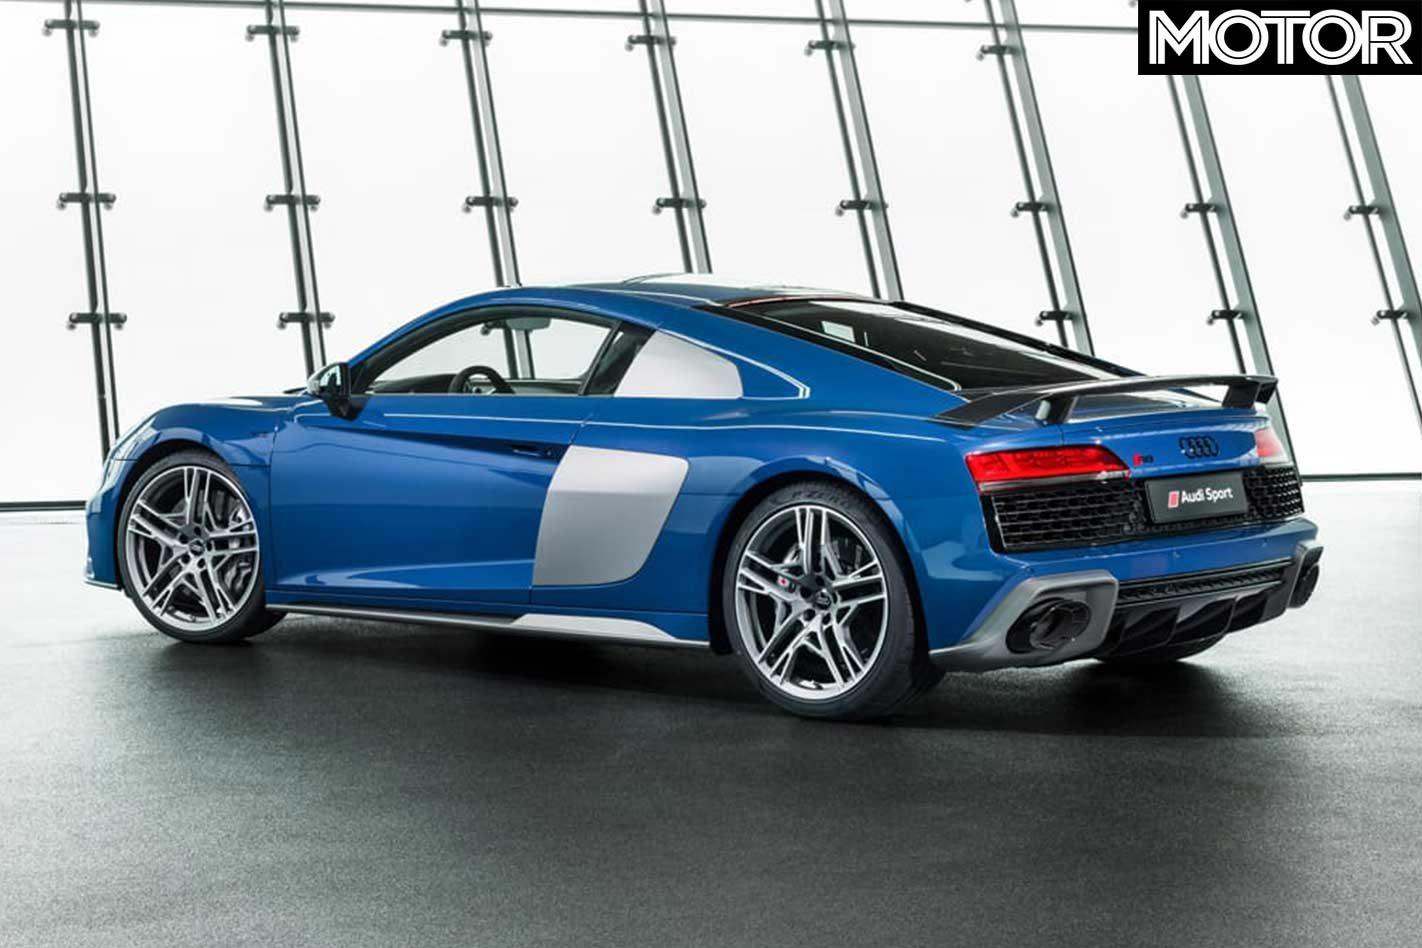 2019 Audi R8 Facelift Revealed